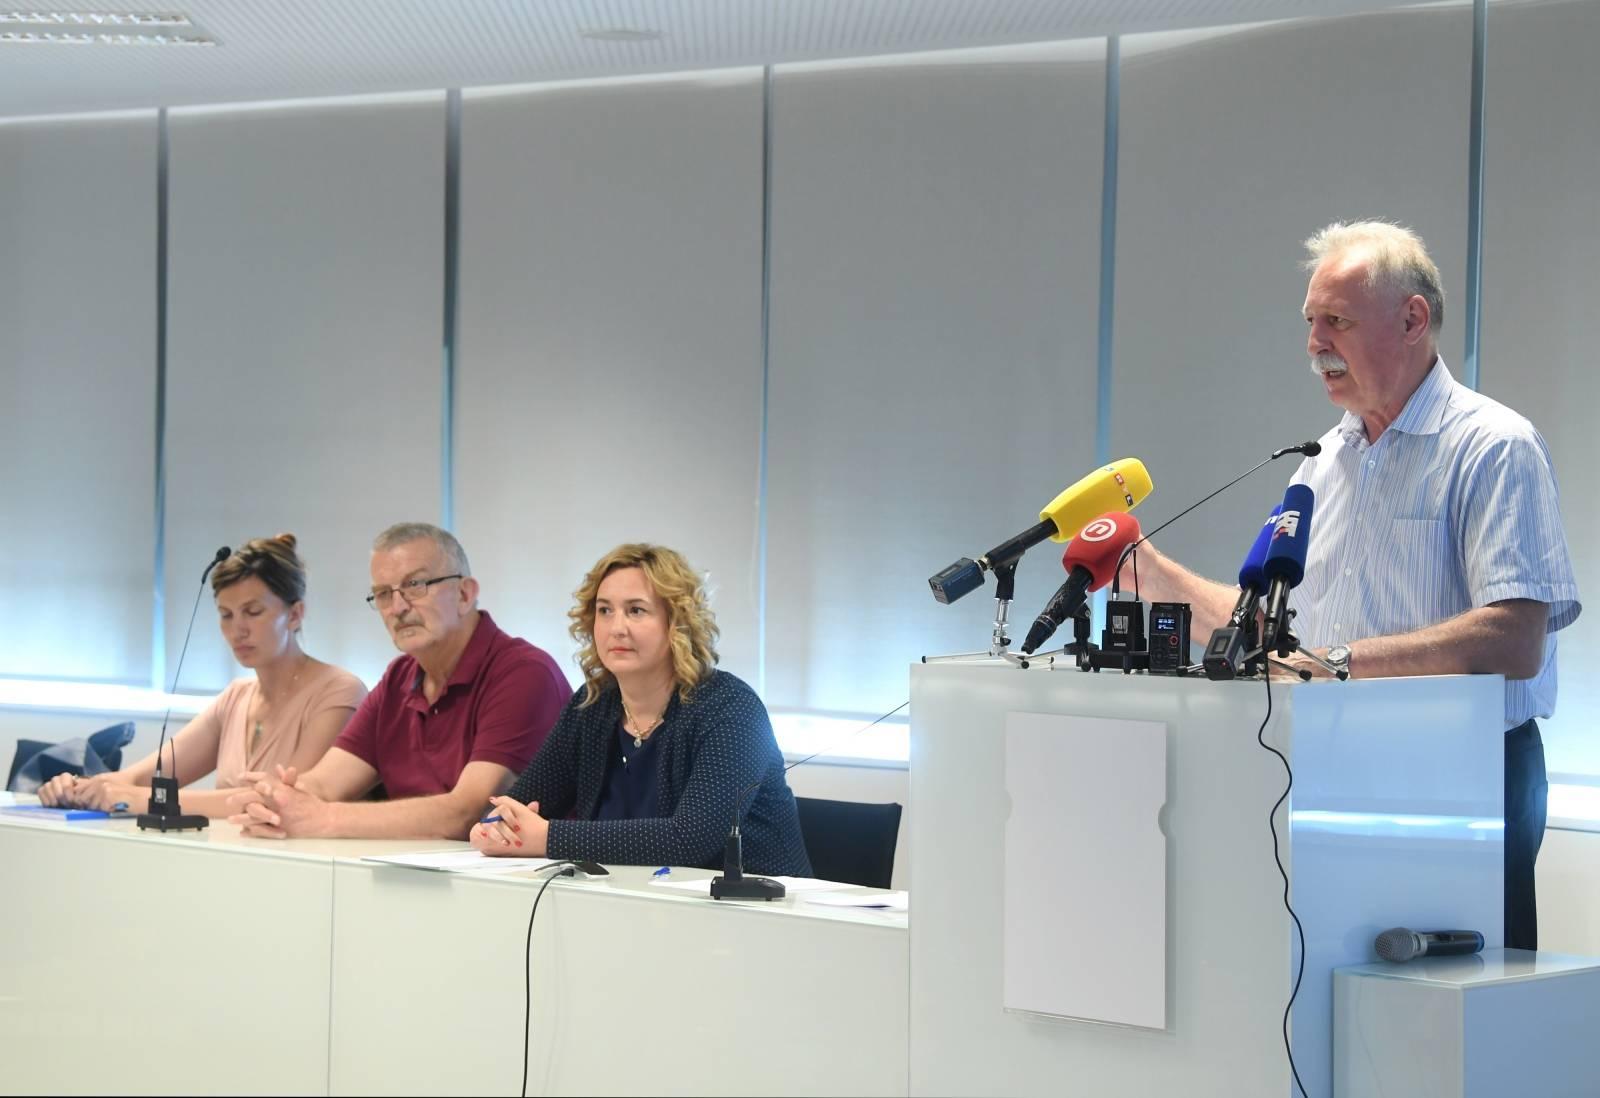 Sindikat učitelja i Nezavisnog sindikata zaposlenih u srednjim školama održali konferenciju